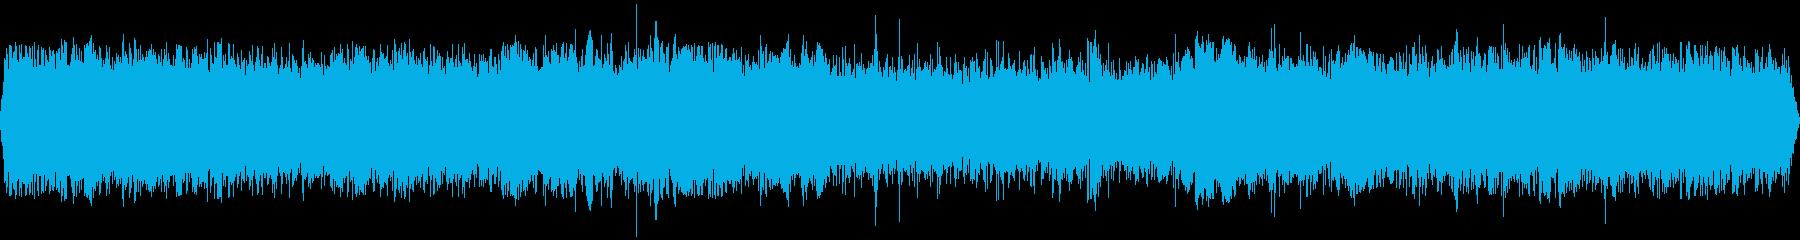 騒がしいイベントホール(環境音)の再生済みの波形